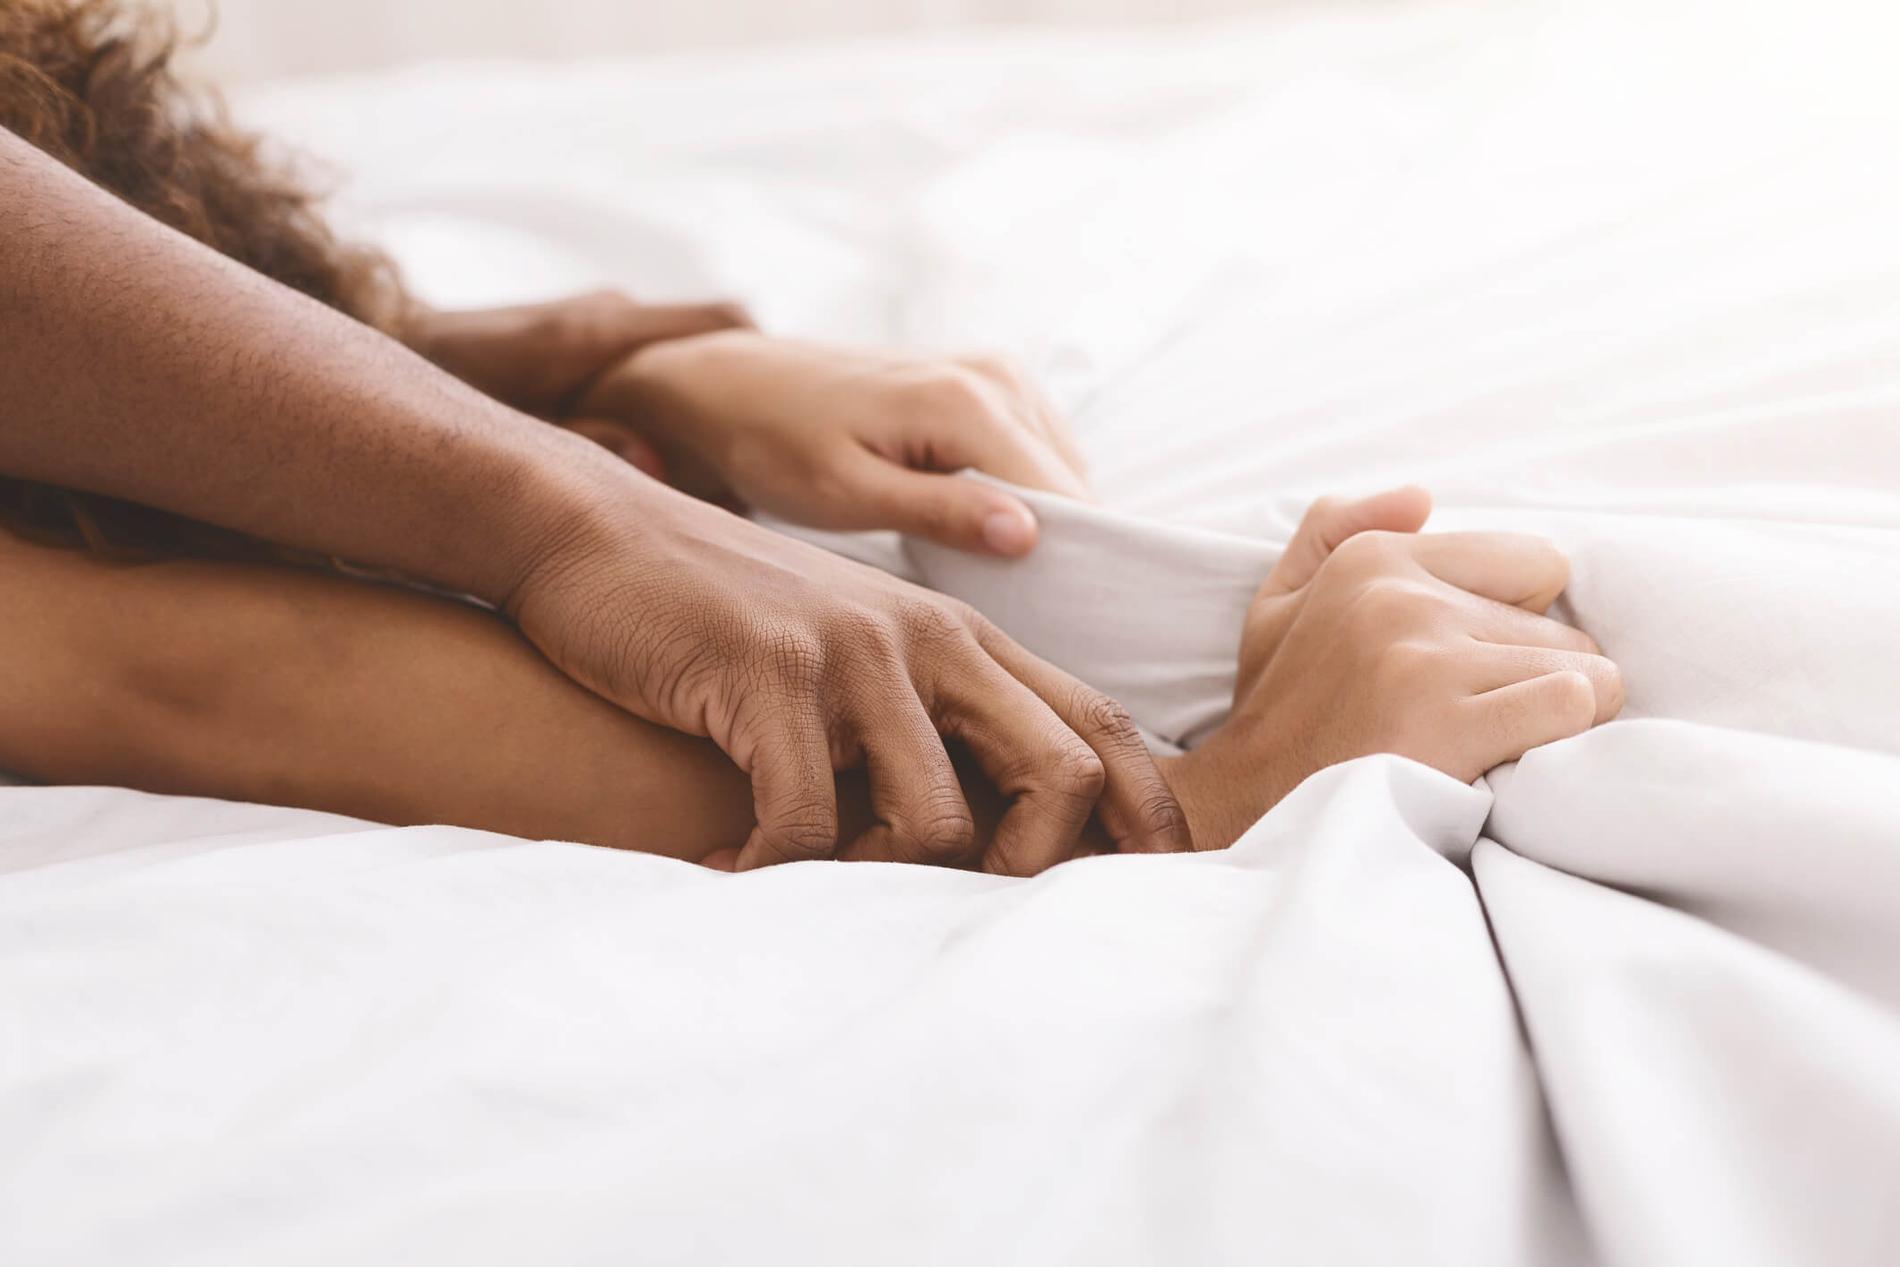 Bästa tipsen på spännande sexleksaker.